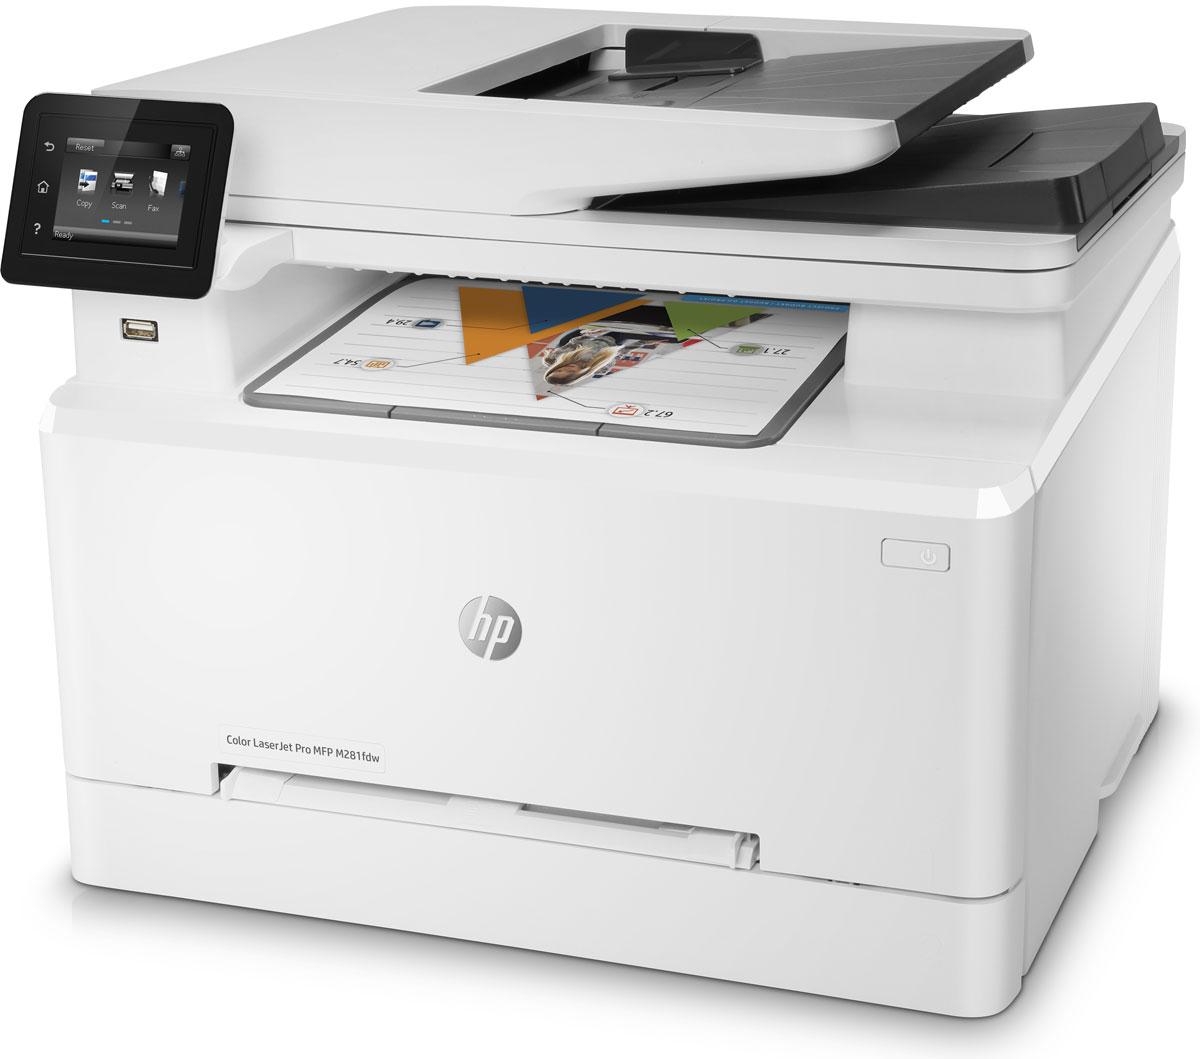 HP Color LaserJet Pro M281fdw МФУT6B82AПринтер HP Color LaserJet Pro M281fdw с поддержкой динамической безопасности предназначен для использования только с картриджами,оснащенными оригинальной микросхемой HP. Картриджи с микросхемами других производителей могут не работать, а работающие в настоящеевремя могут не работать в будущем.Повысьте производительность благодаря цветному многофункциональному устройству. Оцените лучшие в своем классе скорость двусторонней печати и время вывода первой страницы (FPOT), которыми отличаются устройства HP. Оцените преимущества автоматической двусторонней печати и быстро выполняйте разные задачи с помощью устройства автоматическойподачи документов на 50 листов. Сканируйте и сразу отправляйте полученные файлы по электронной почте, в сетевые папки или т. п. Защитите данные, устройства идокументы. Не отвлекайтесь от работы и реже загружайте бумагу благодаря лотку емкостью 250 листов. Ускорьте работу с многостраничными документами с помощью функции автоматической двусторонней печати.Больше страниц. Выше производительность. Лучше защита. Оригинальные лазерные картриджи HP с технологией JetIntelligence обеспечивают высокое качество цветной печати и отличаютсяувеличенным ресурсом. Технология защиты от подделок позволяет сохранить знаменитое высочайшее качество HP. Тратьте меньше времени на замену картриджей при использовании дополнительных картриджей увеличенной емкости. Предварительно установленные оригинальные лазерные картриджи HP позволяют приступить к печати сразу после получения устройства. Удобная печать и сканирование с мобильных устройств с помощью приложения HP Smart. Надежное и быстрое подключение благодаря двухдиапазонному адаптеру Wi-Fi. Подключите смартфон или планшет напрямую к принтеру и выполняйте печать без подключения к сети. Чтобы выполнить печать, просто коснитесь кнопки печати на смартфоне или планшете. Струйный или лазерный принтер: какой лучше? Статья OZON Гид